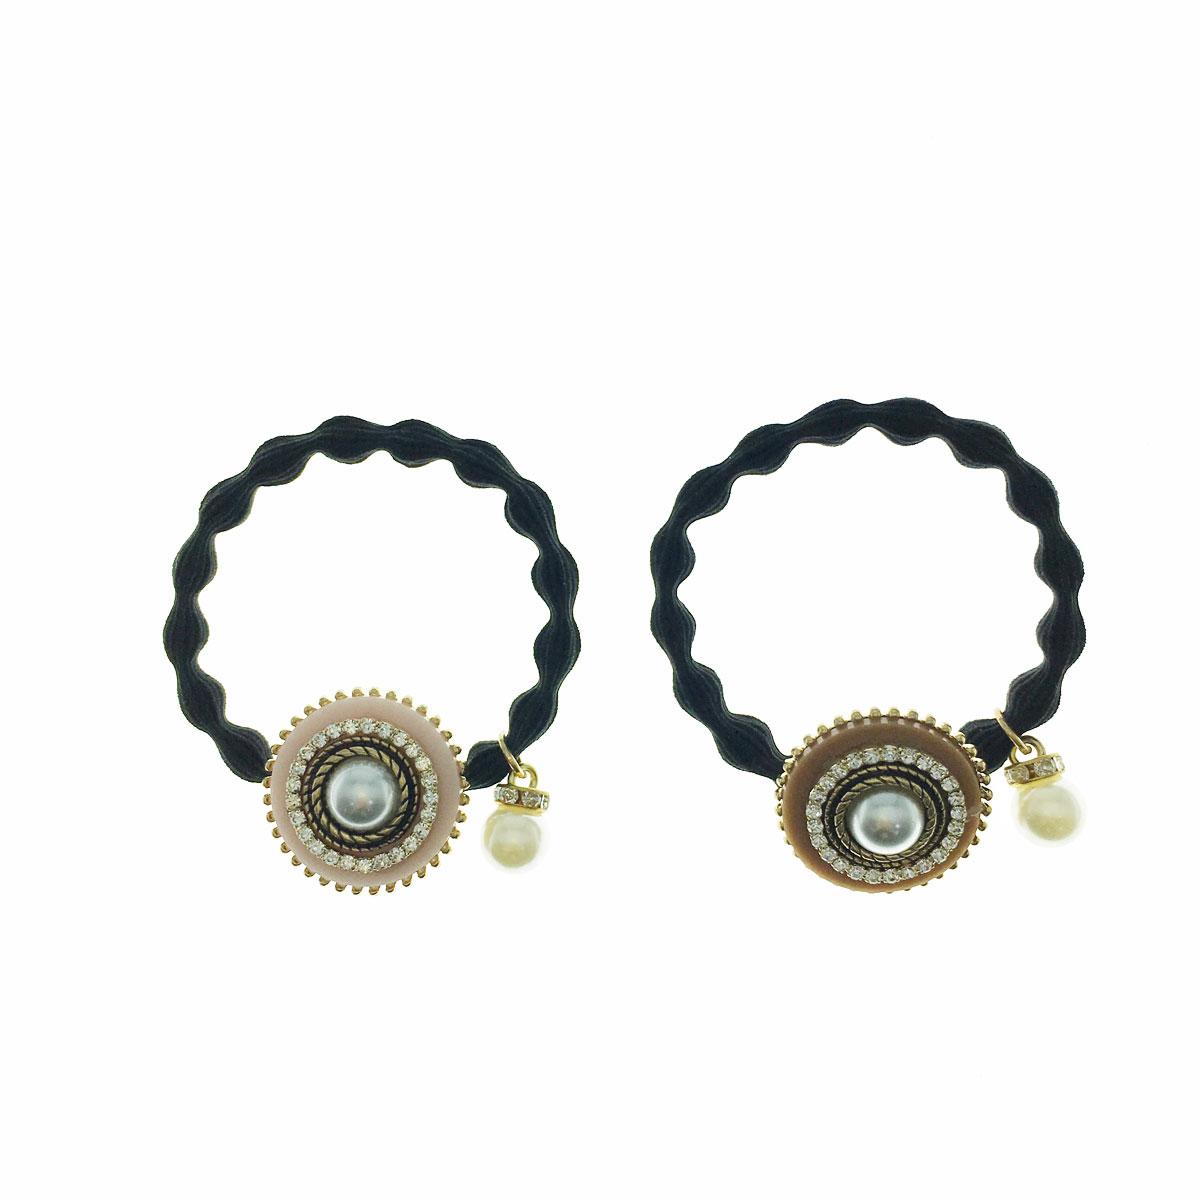 韓國 水鑽 珍珠 金邊 兩色 髮束 髮飾